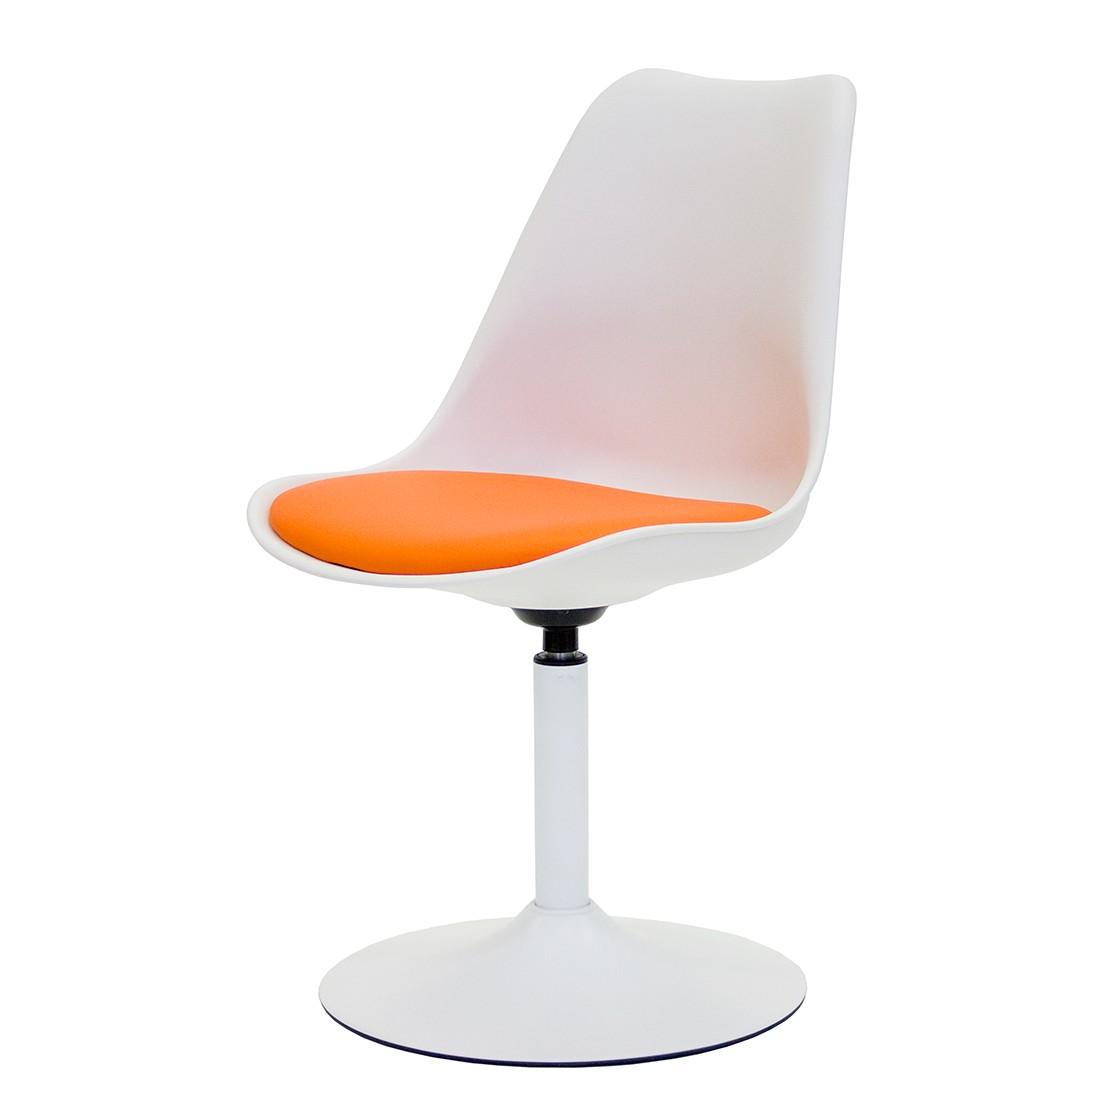 esszimmerstuhl orange preis vergleich 2016. Black Bedroom Furniture Sets. Home Design Ideas